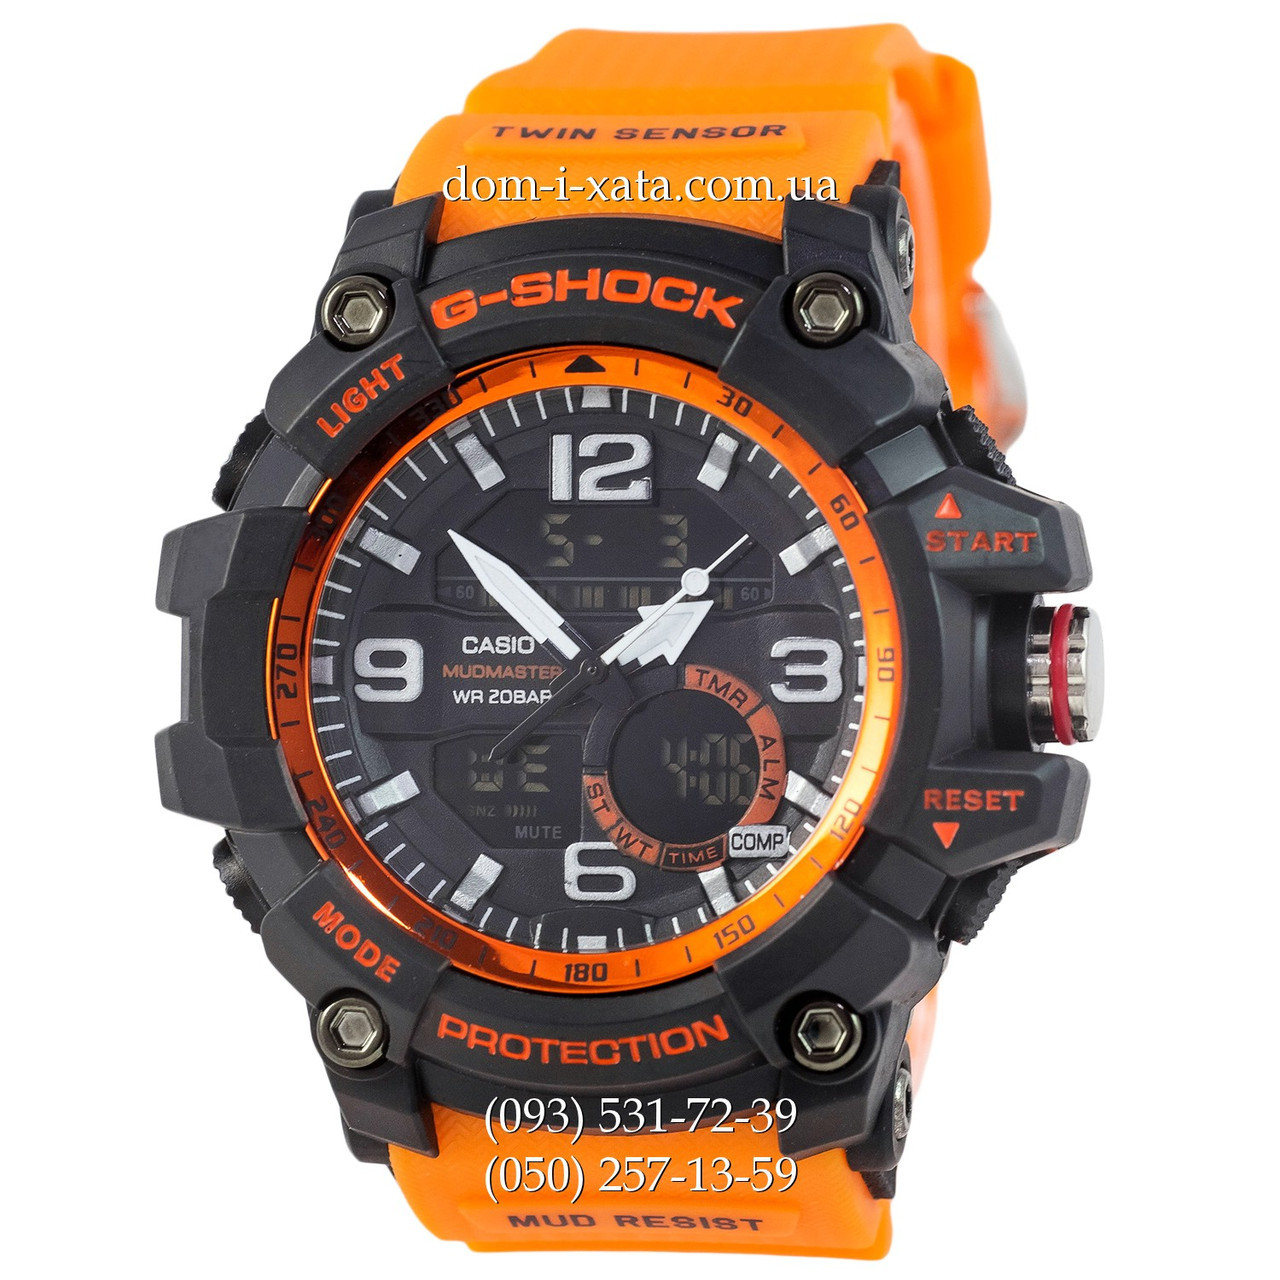 Электронные часы Casio G-Shock GG-1000 Black-Orange Wristband, спортивные часы Джи Шок черный-зеленый, реплика